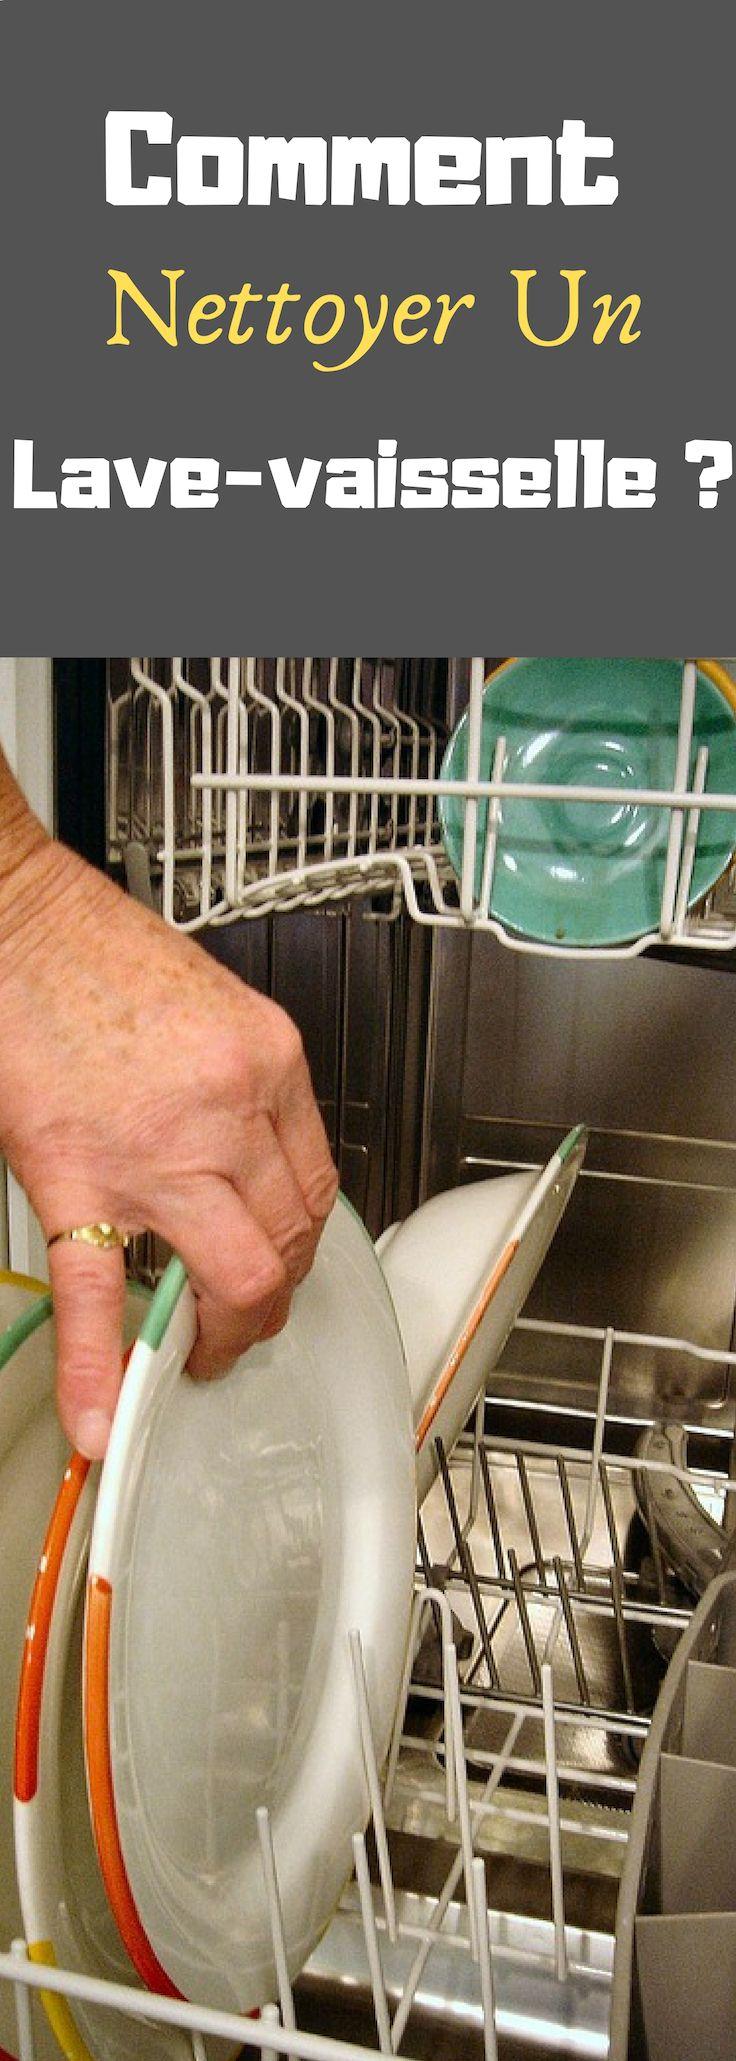 comment nettoyer un lave vaisselle nettoyage naturel. Black Bedroom Furniture Sets. Home Design Ideas